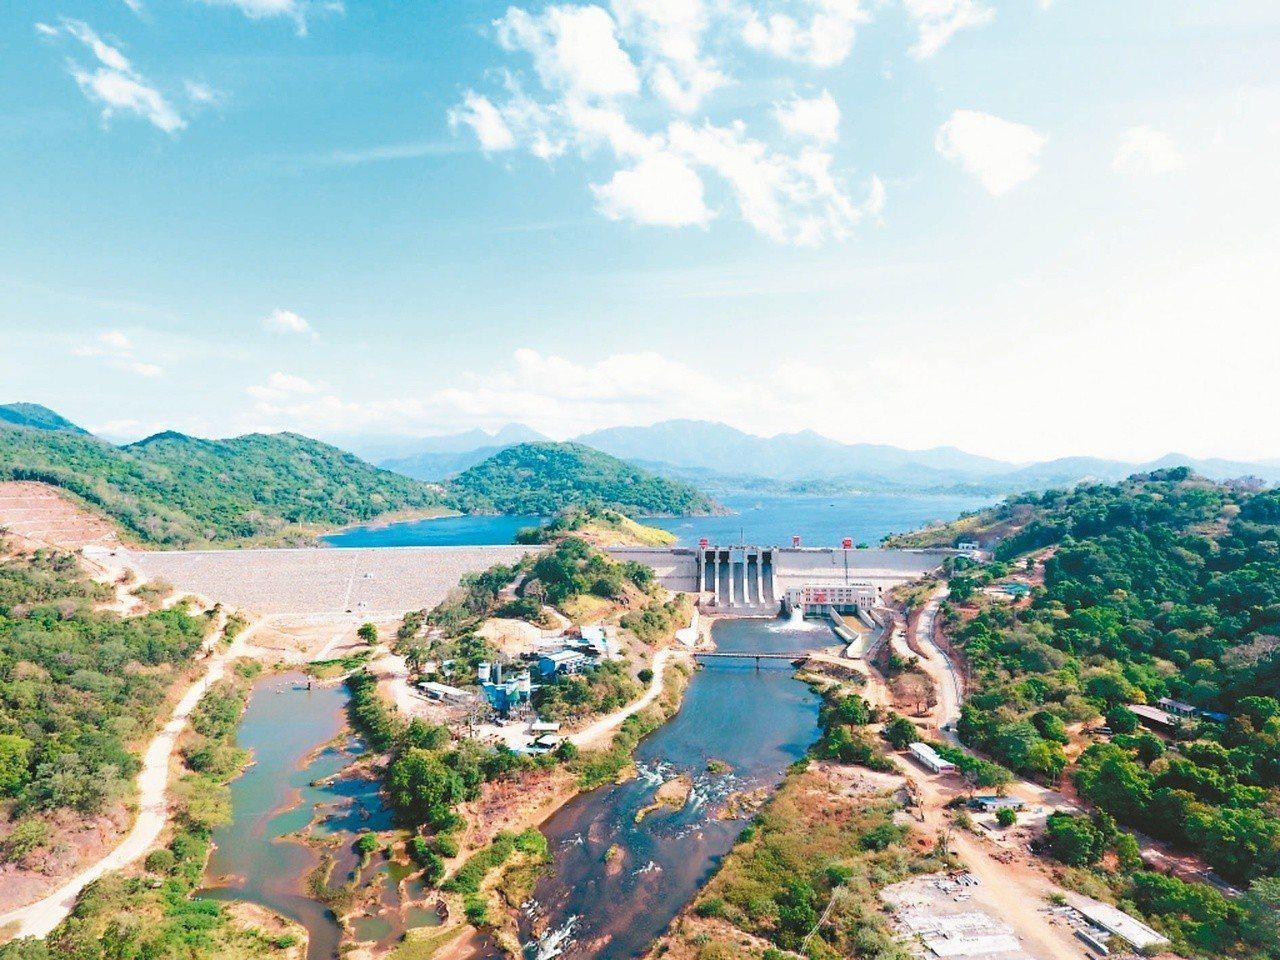 陸企援建斯里蘭卡的水庫等工程,被批評讓斯里蘭卡陷入債務危機。 (新華社)